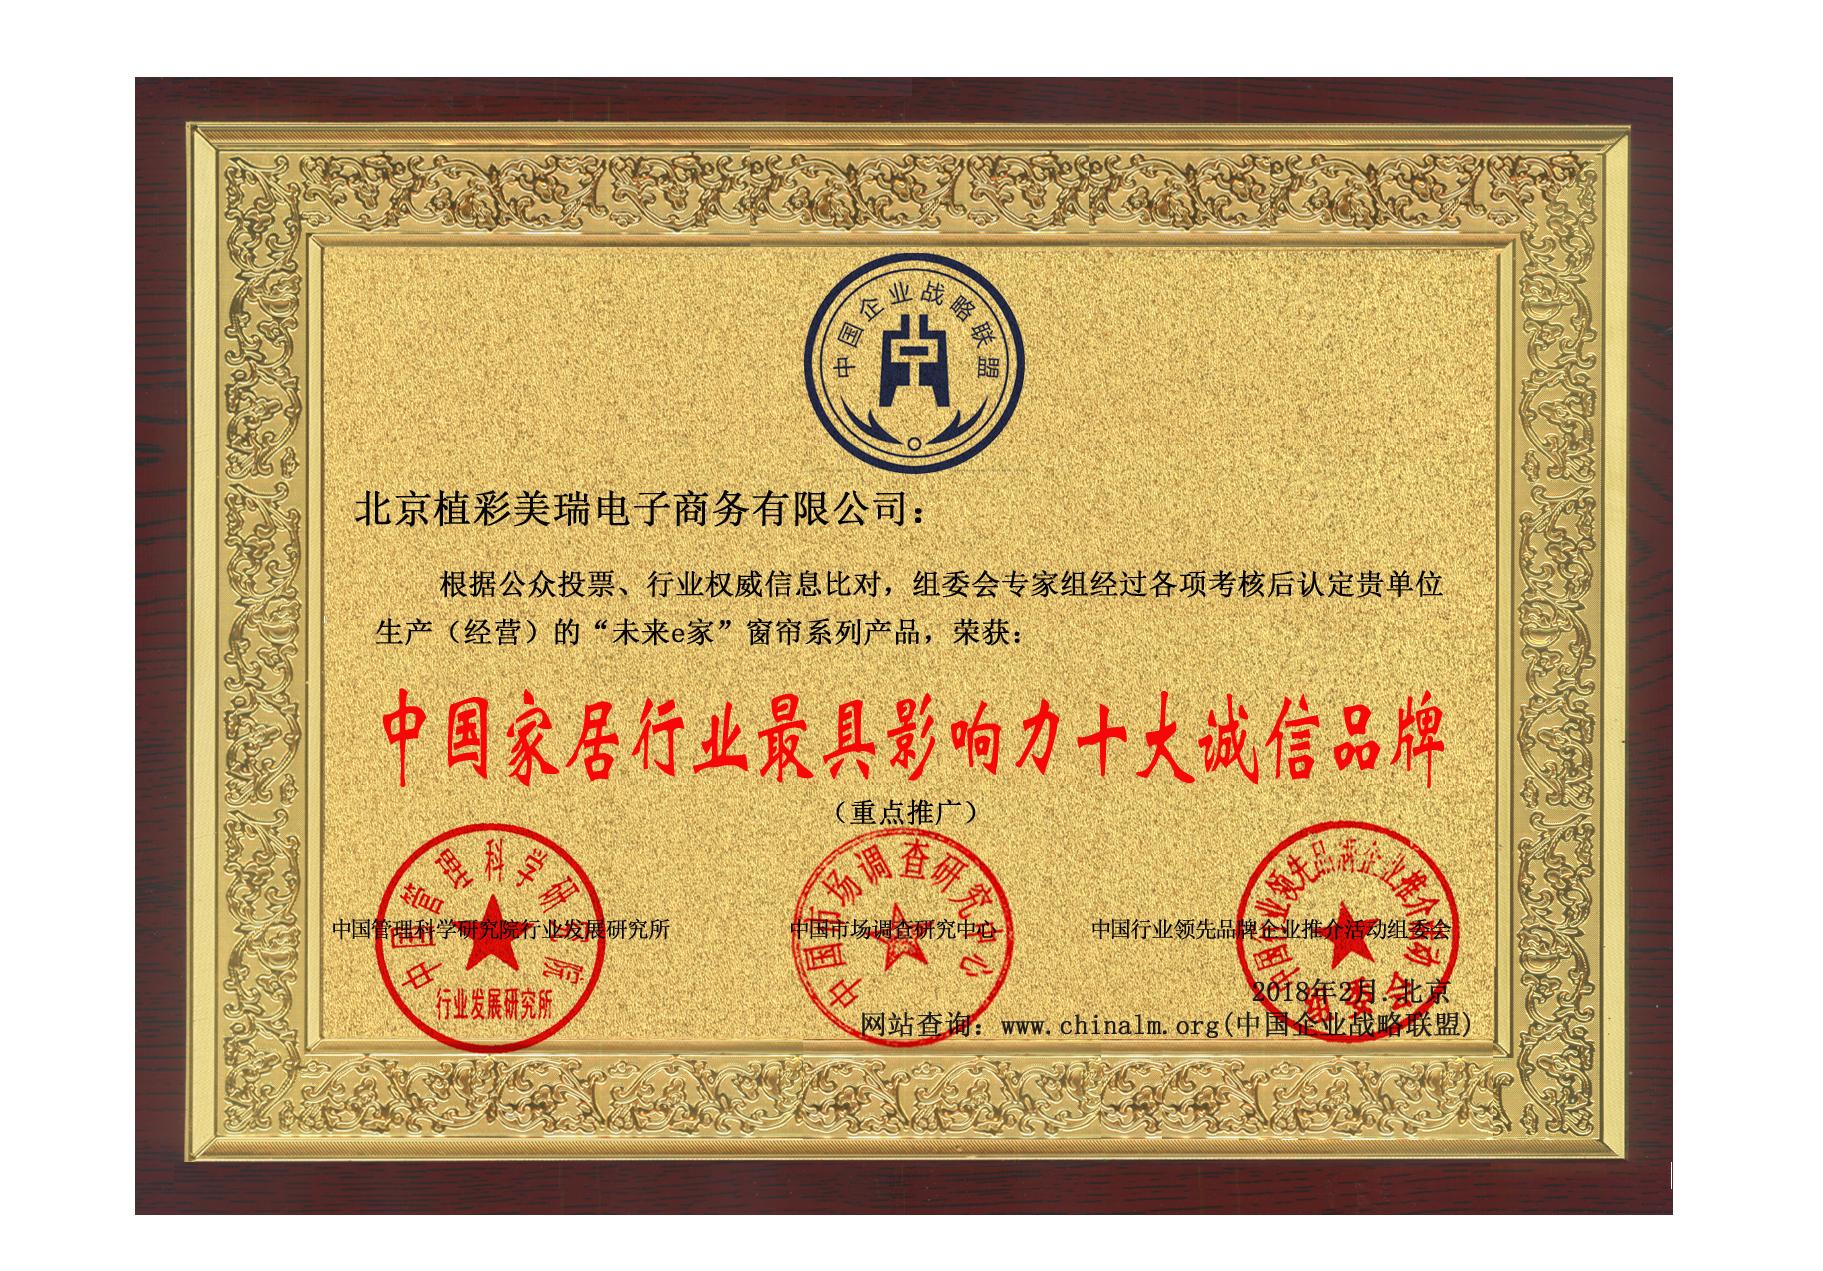 中国家居行业最具影响力十大诚信品牌